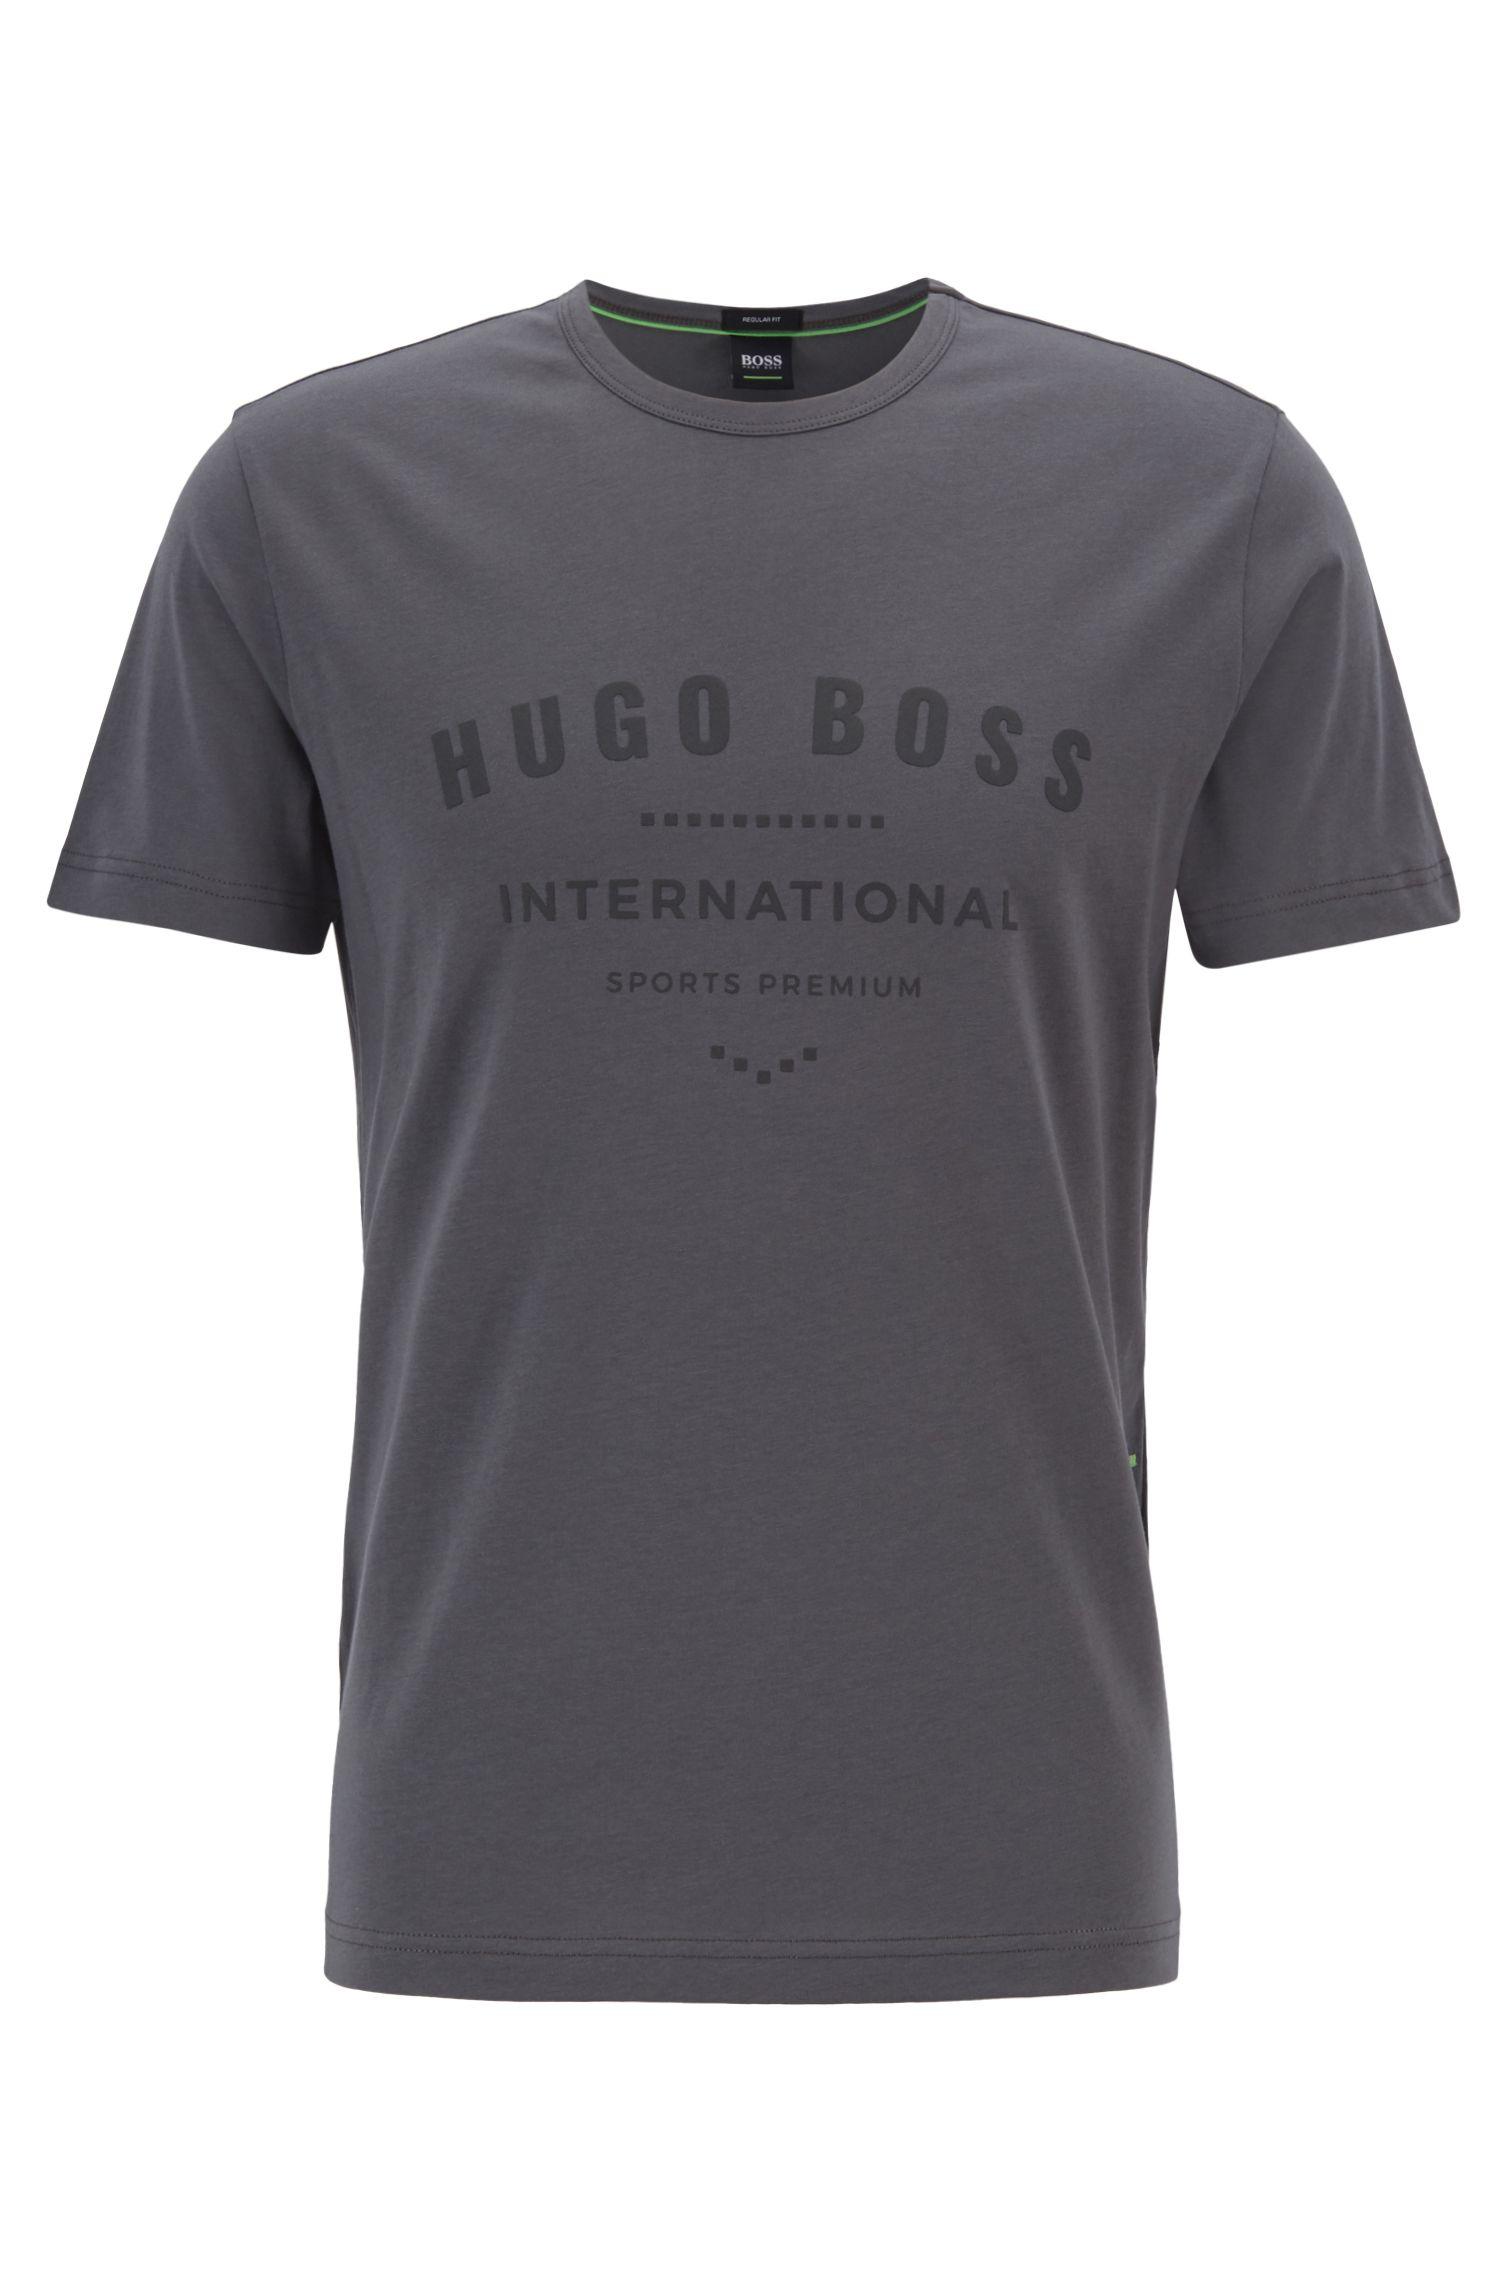 T-Shirt aus Baumwolle mit Rundhalsausschnitt und Metallic-Print, Anthrazit